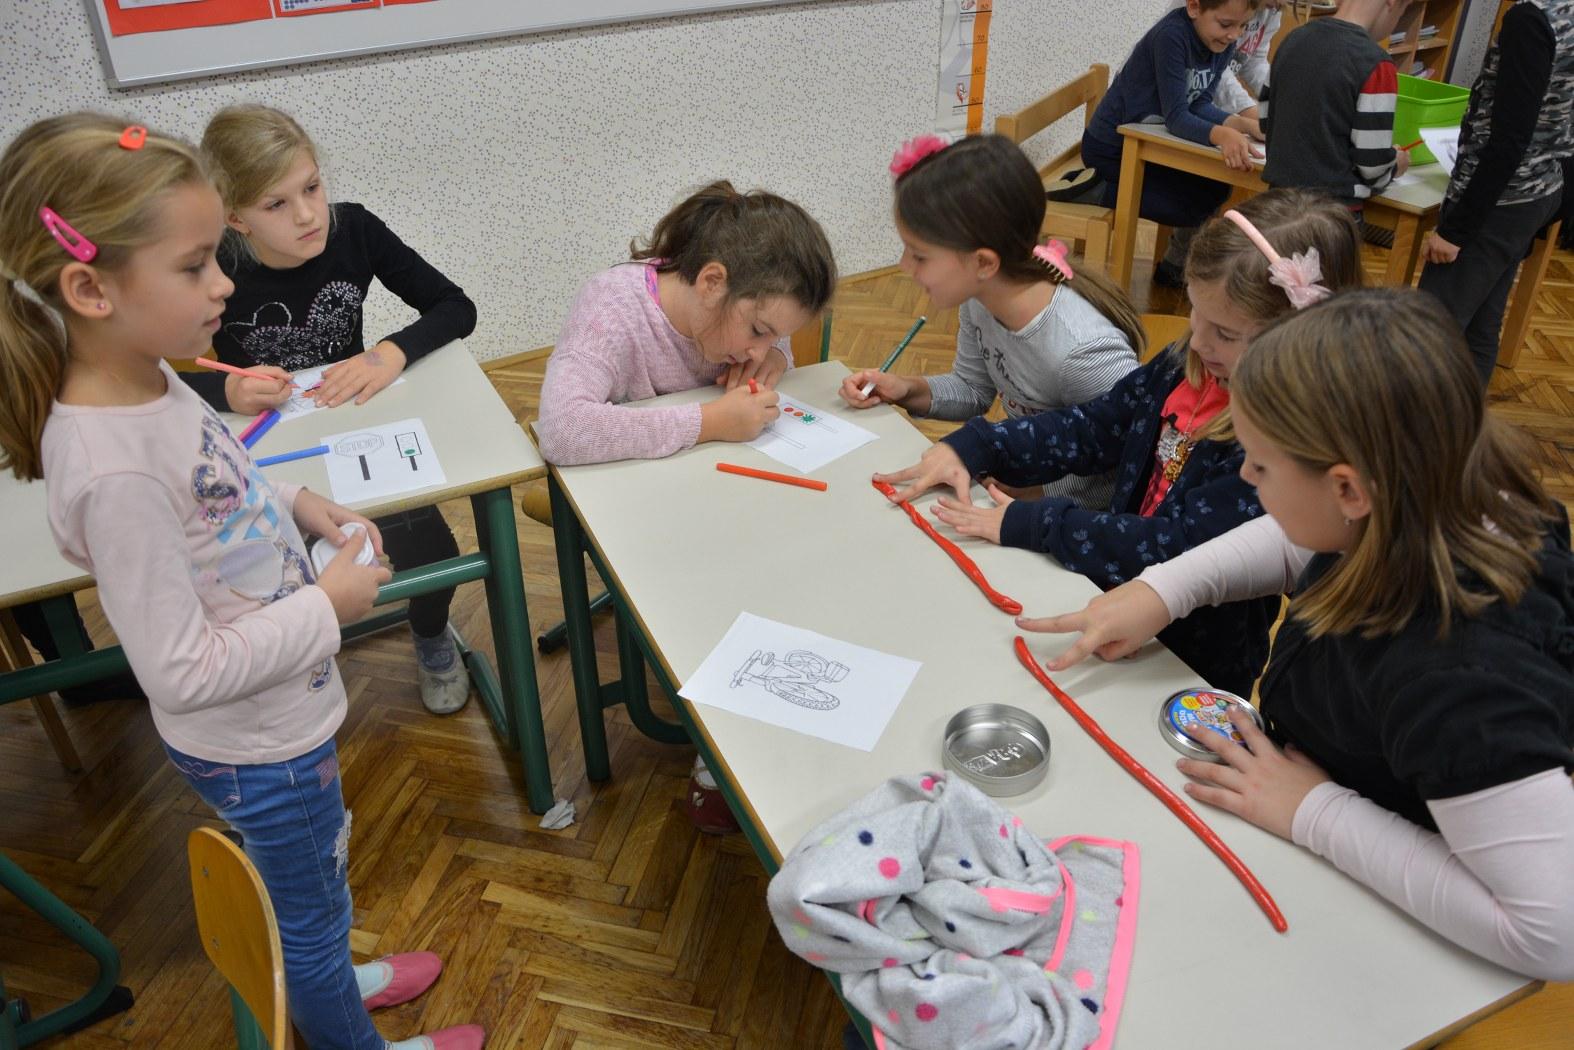 2018_10_23_zavod_varna_pot-139